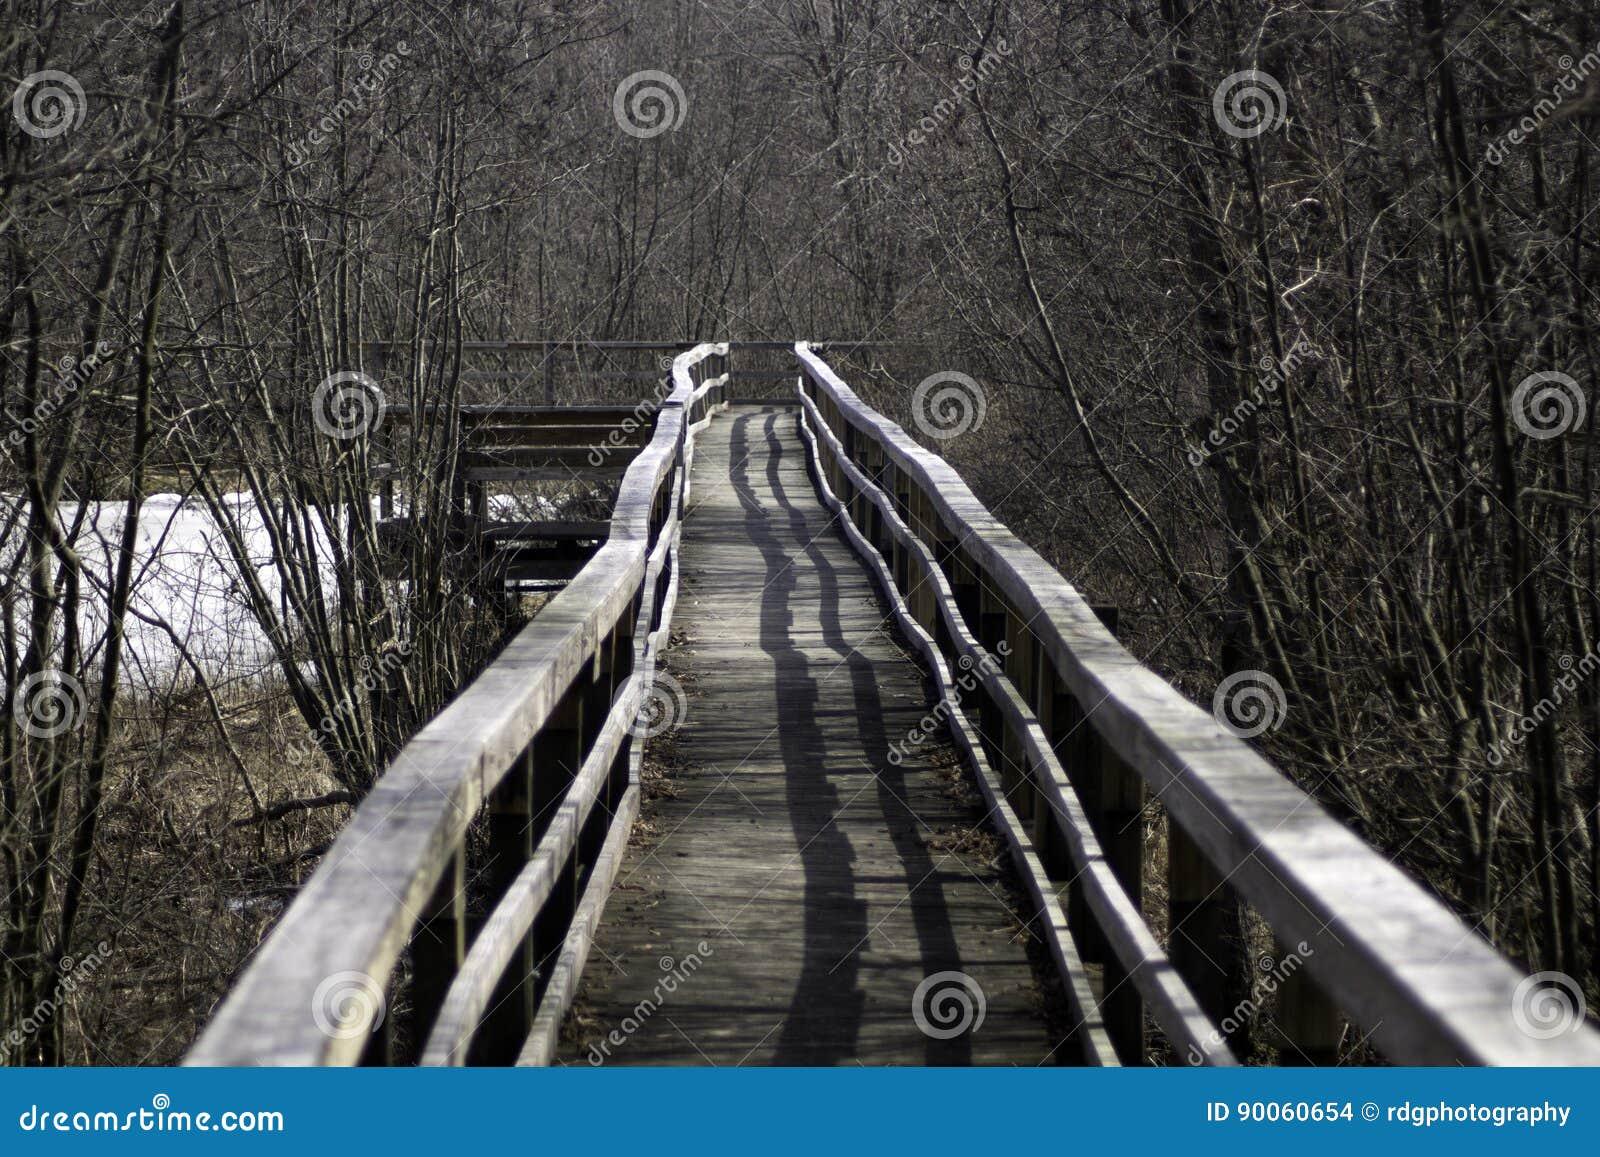 Down the Winter Boardwalk